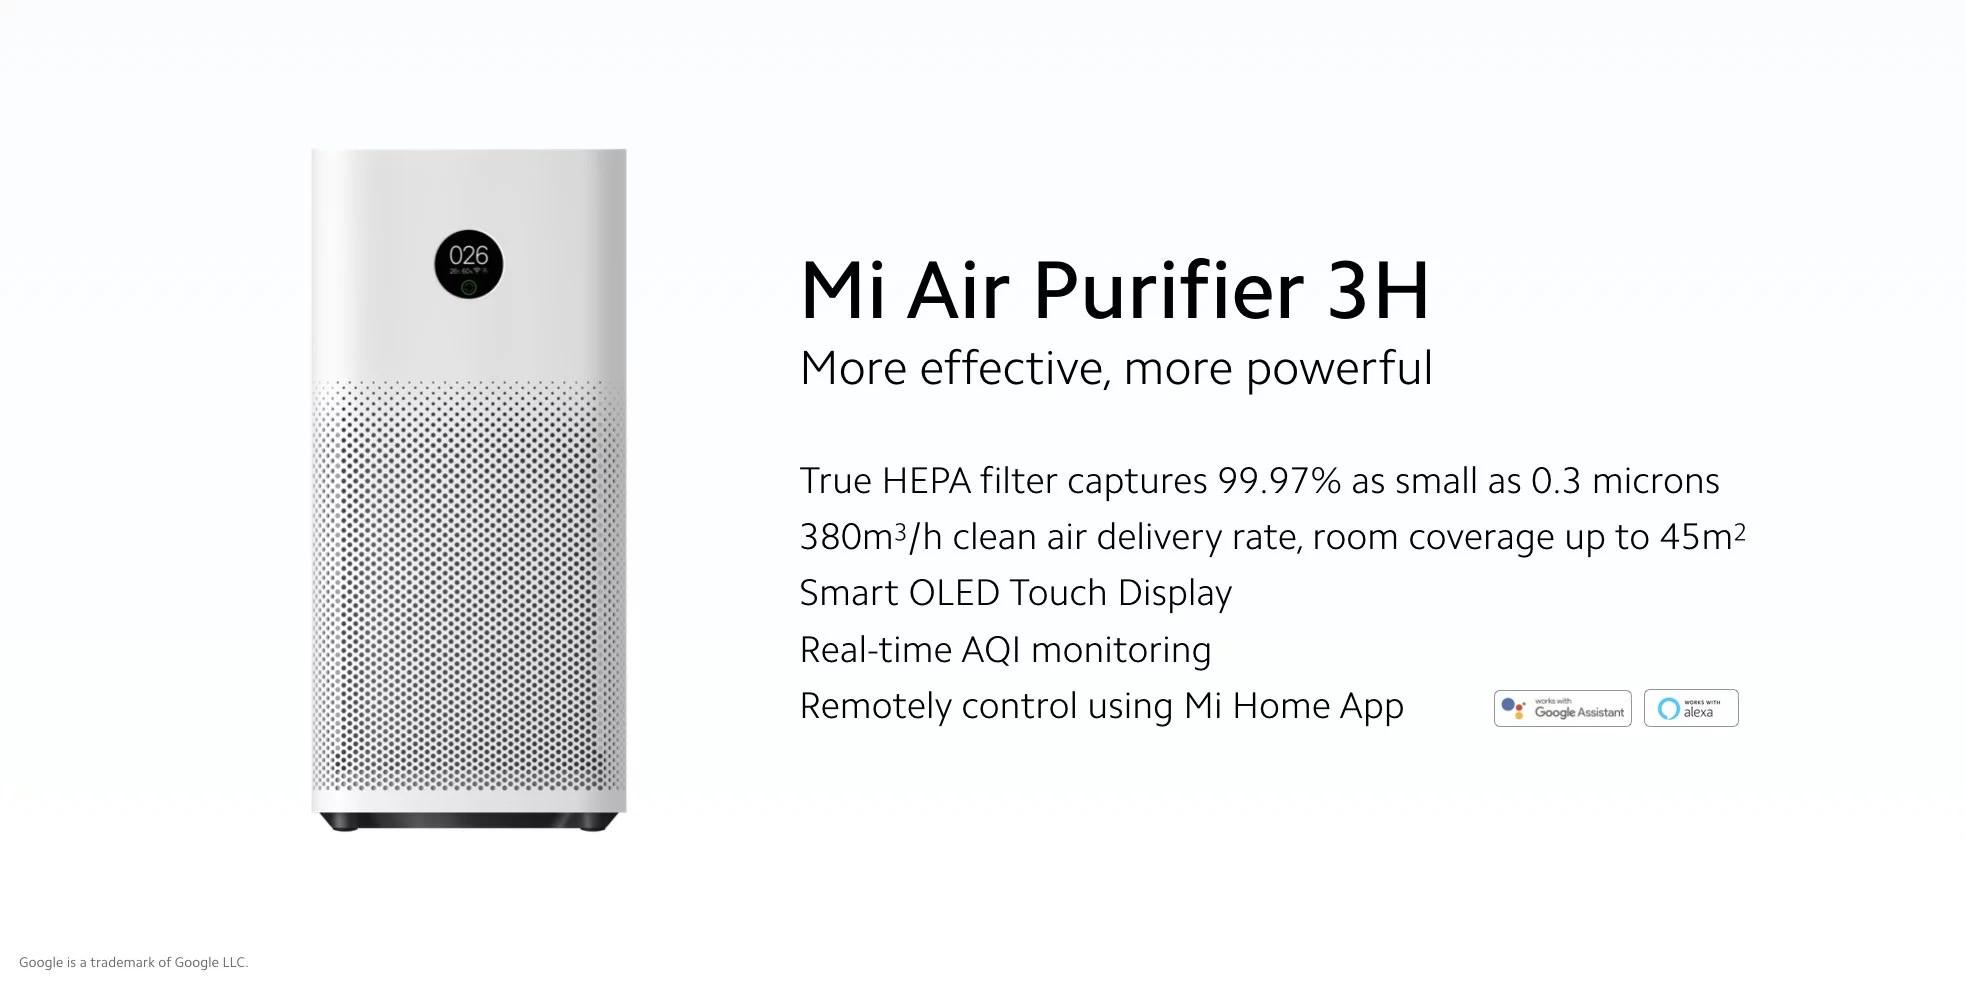 xiaomi-air-purifier-3h.jpg